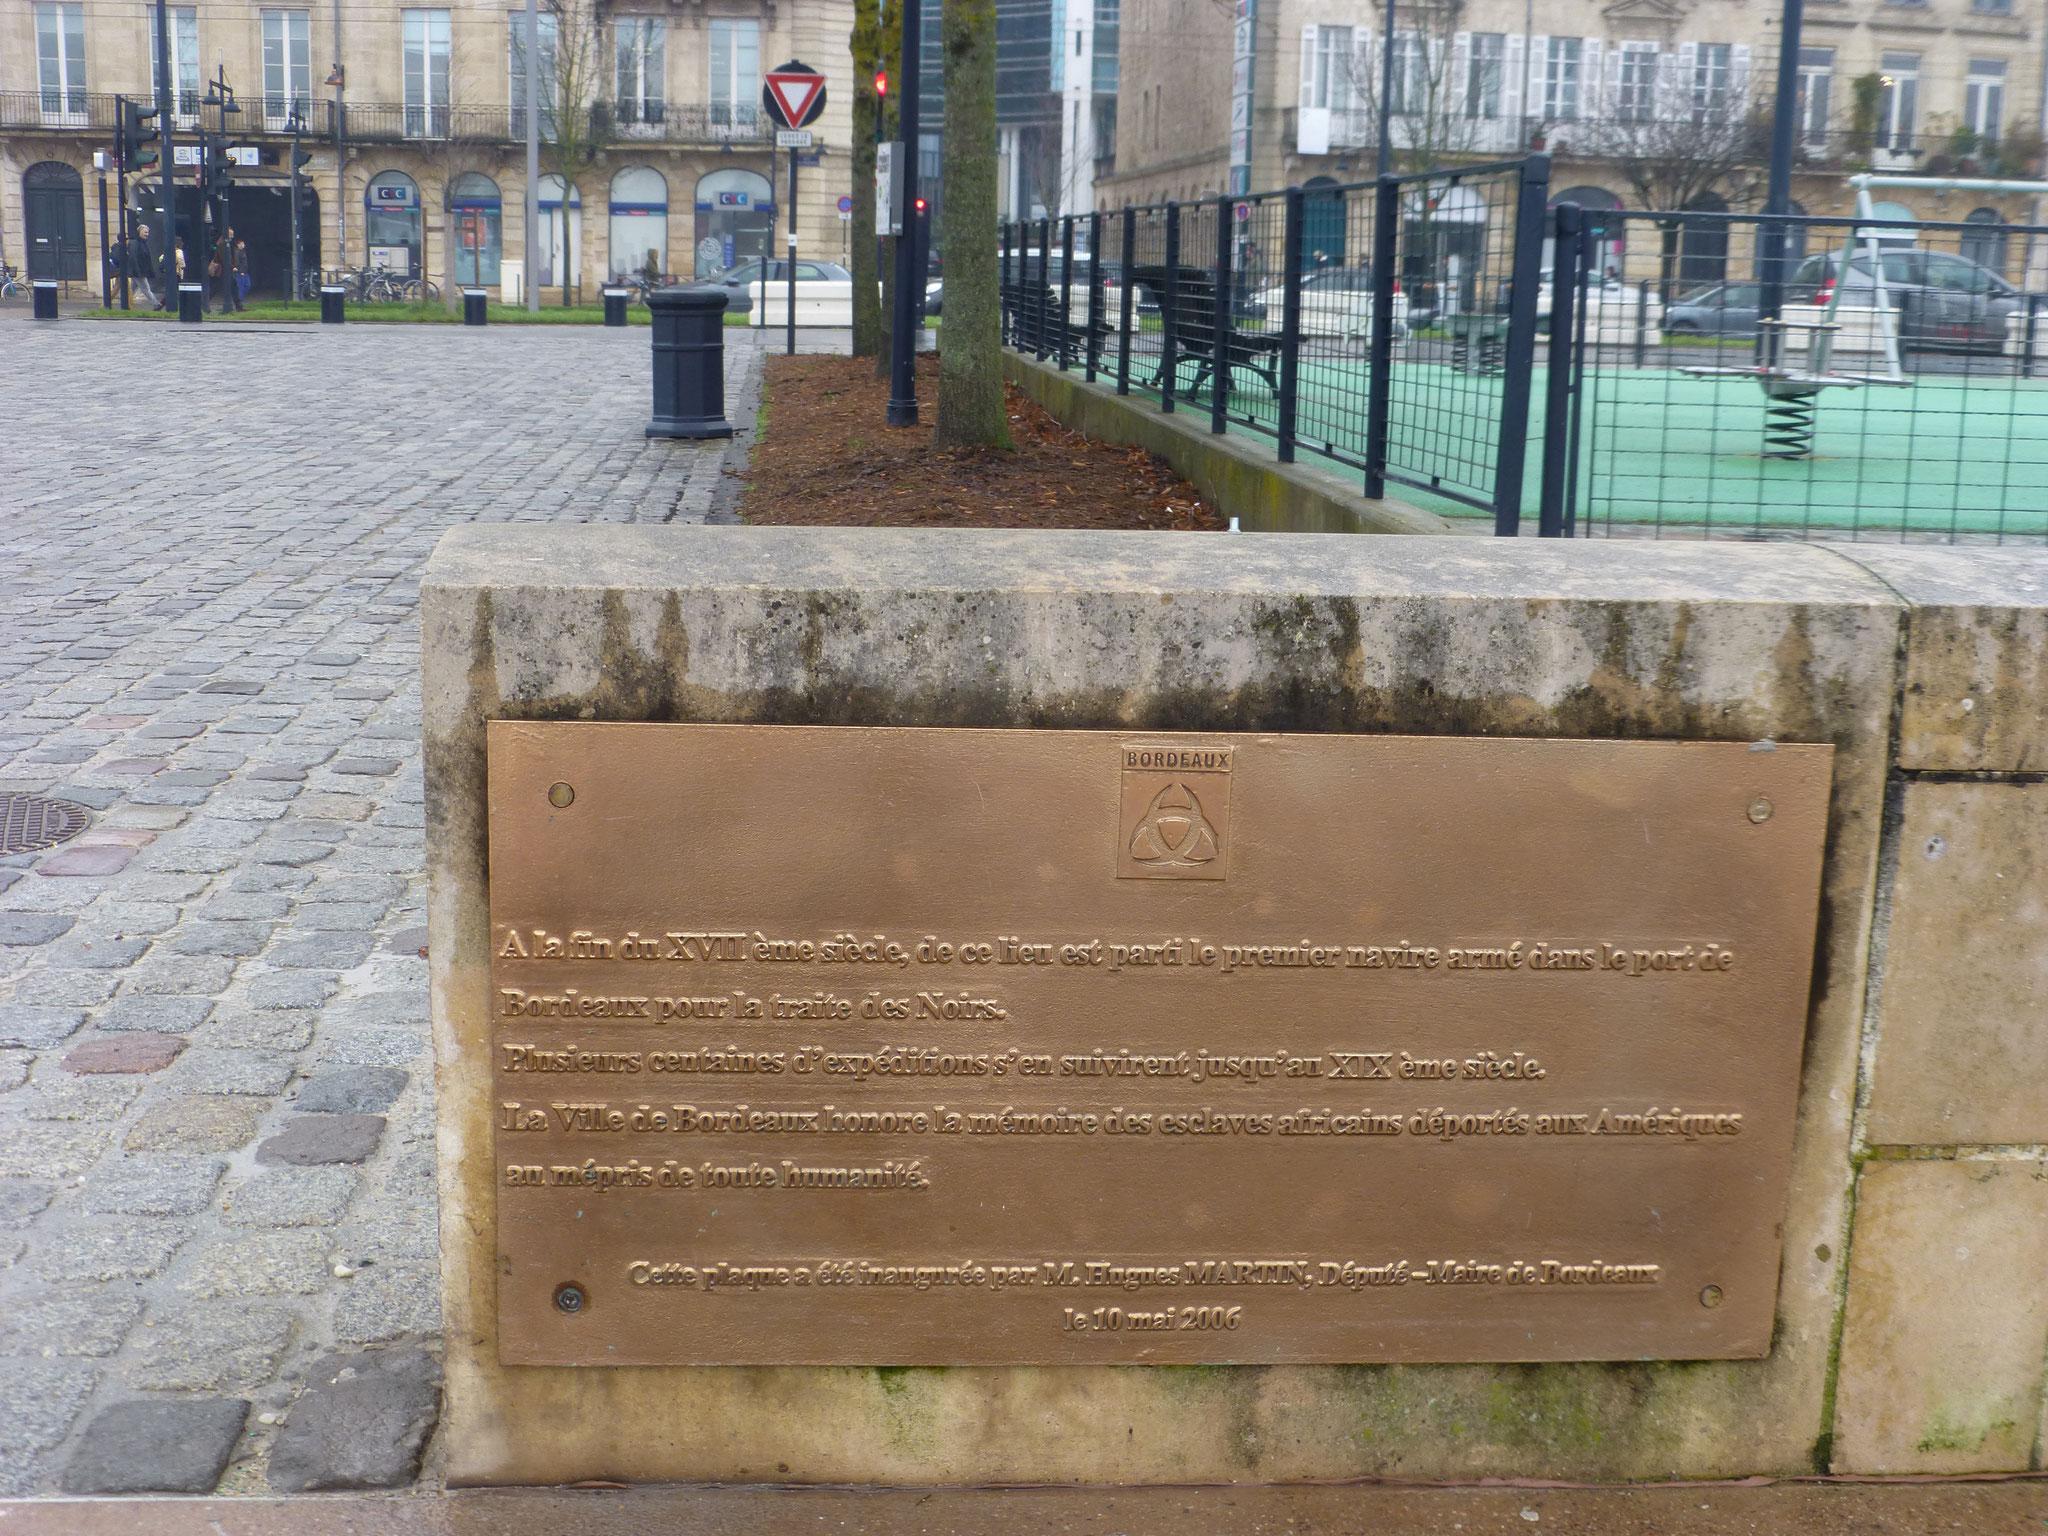 La ville de Bordeaux a inauguré cette plaque commémorative le 10 janvier 2006, quai des Chartrons pour honorer la mémoire des esclaves africains déportés aux Amériques au XVIIIe  et XIXe siècle , au mépris de toute  humanité